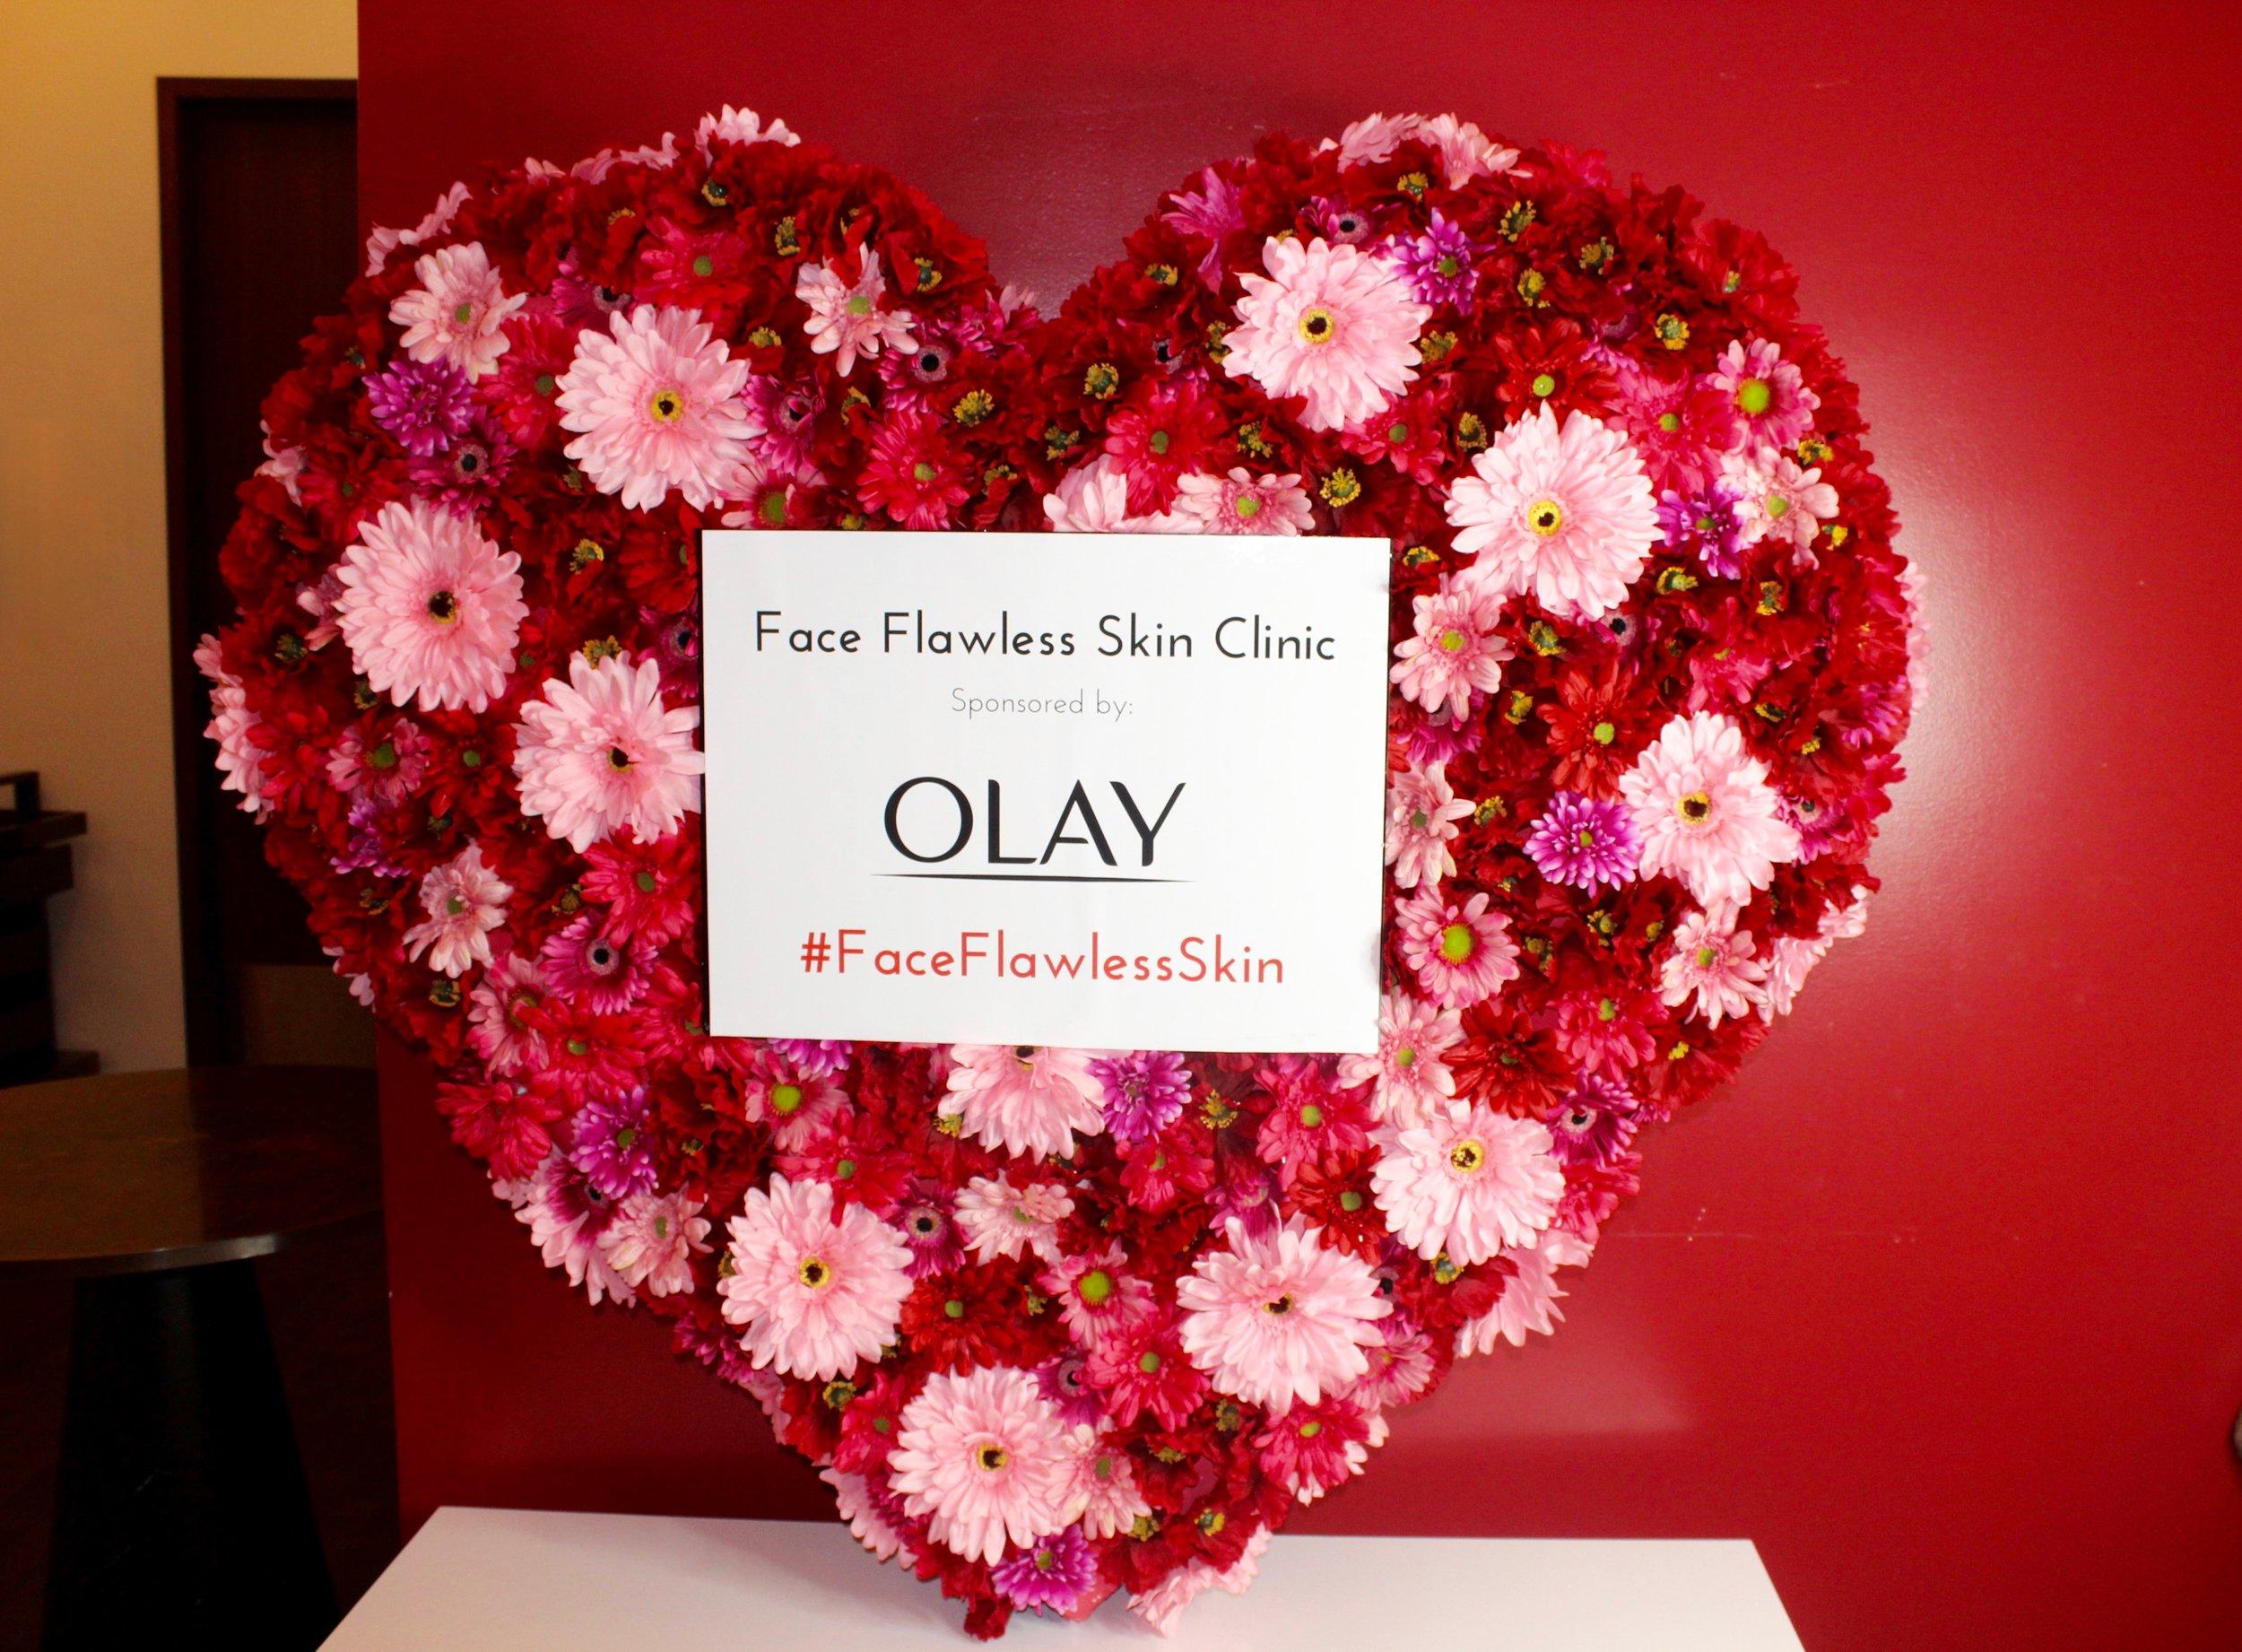 Olay - Face Flawless Skin 1.jpg